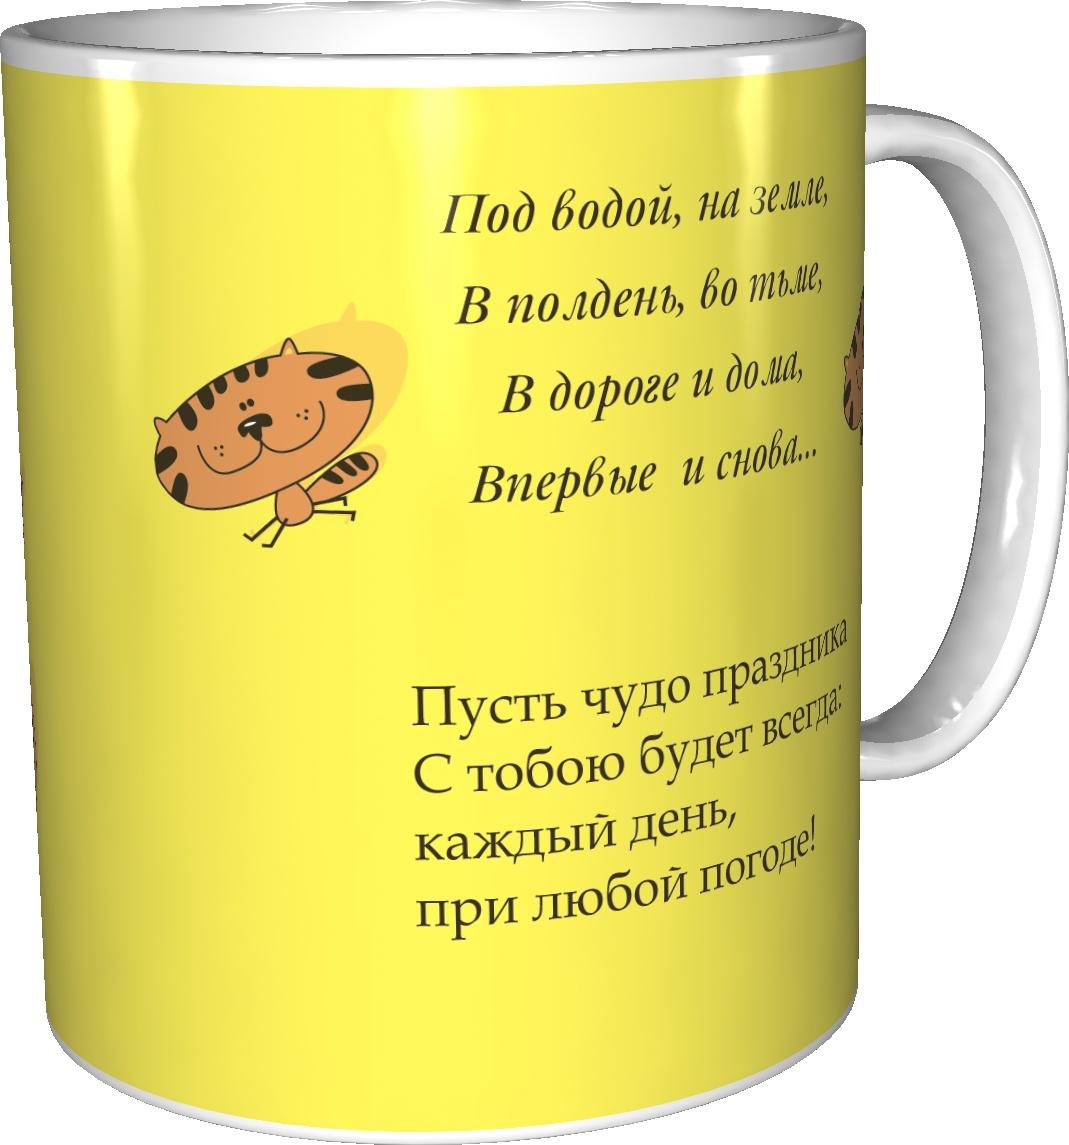 каких подарок чашка с поздравлением в прозе получения